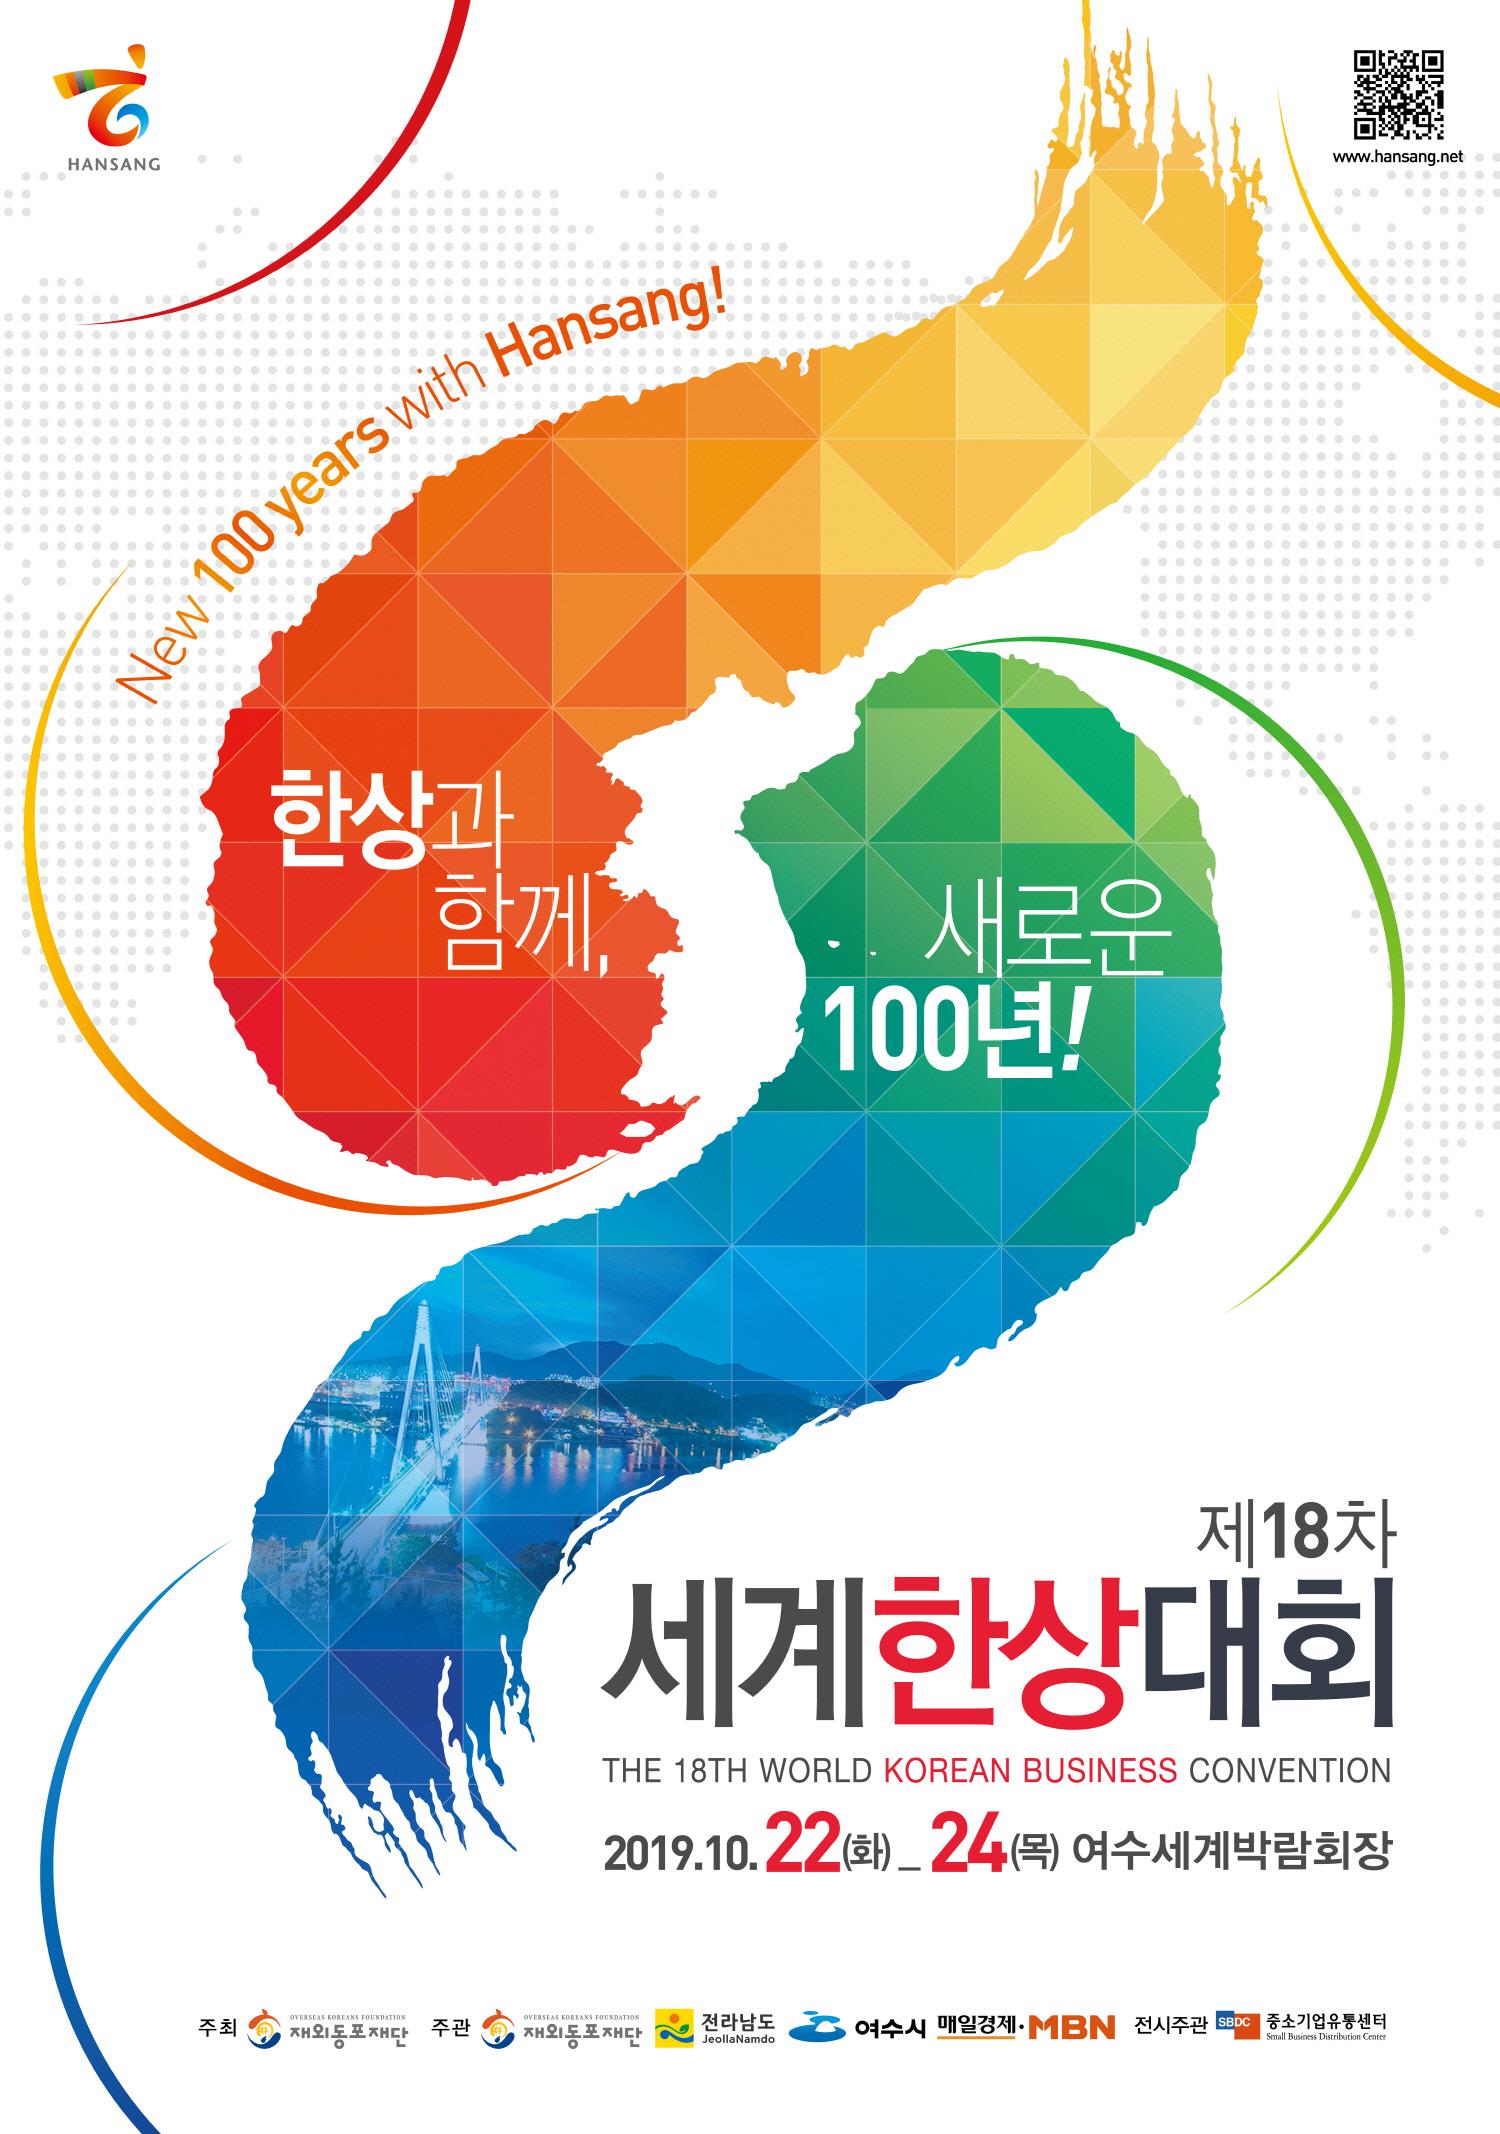 새로운 100년! '제18차 여수 세계한상대회' 개최